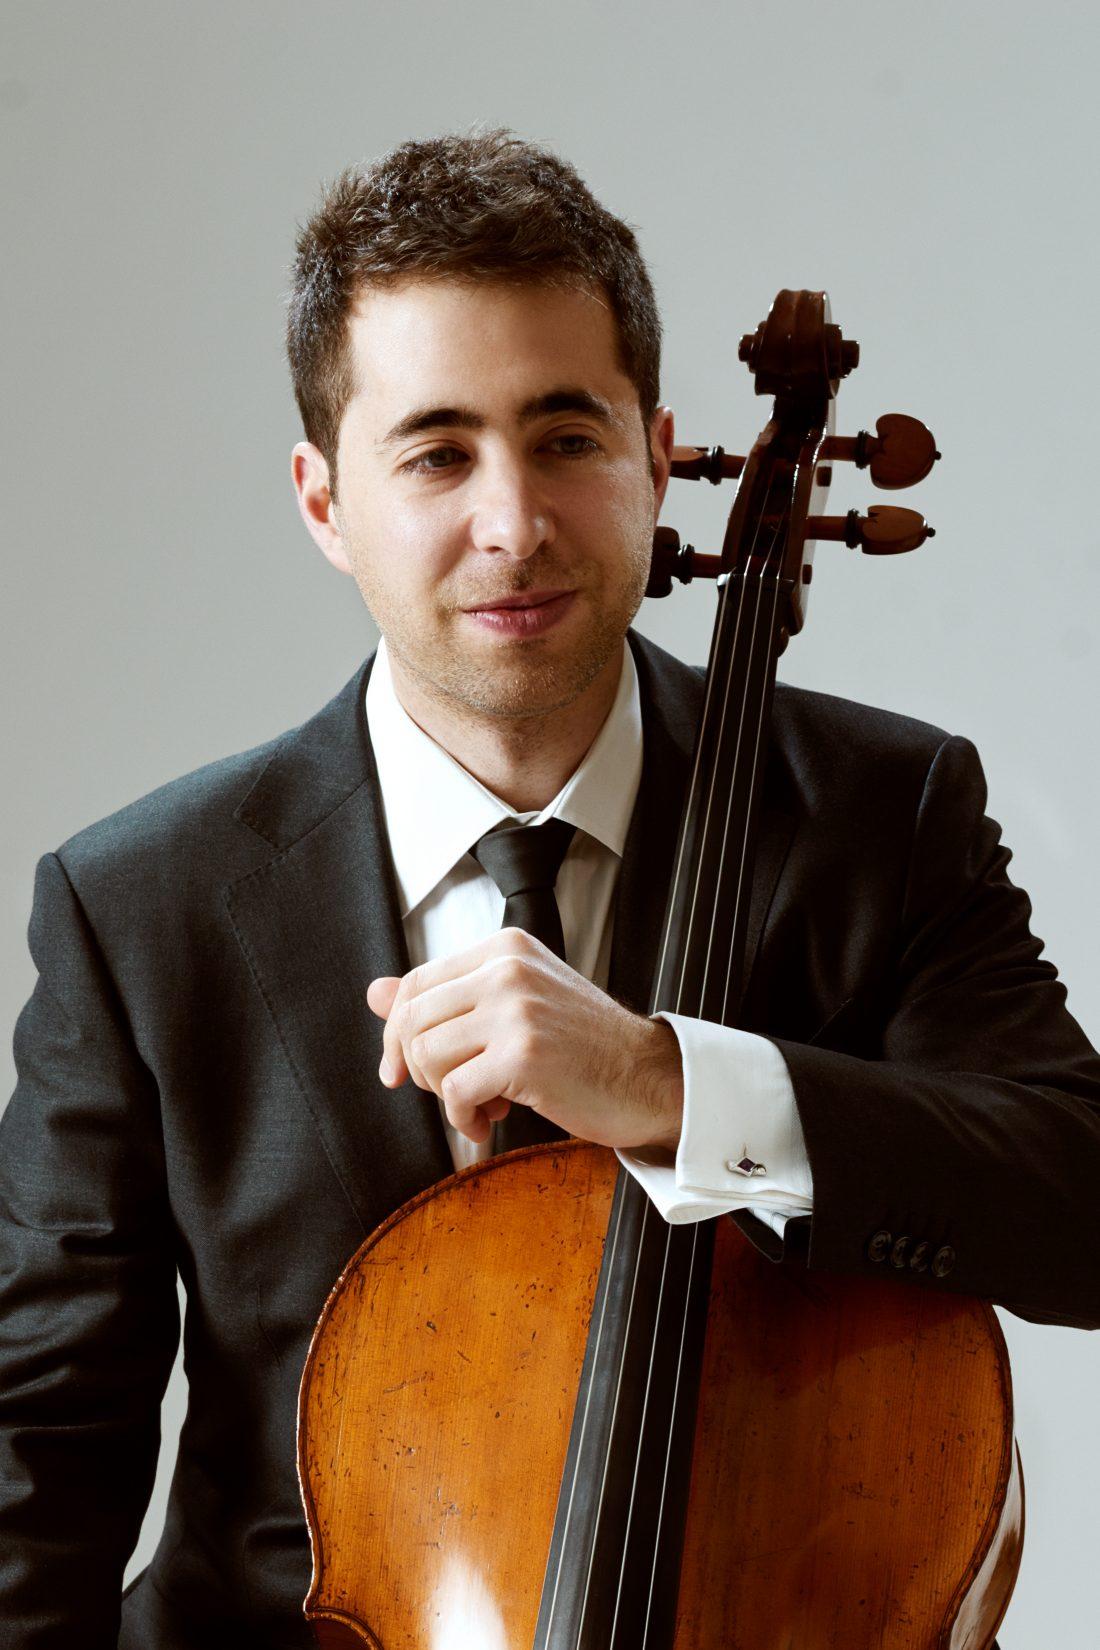 Matthew Zalkind, Cellist